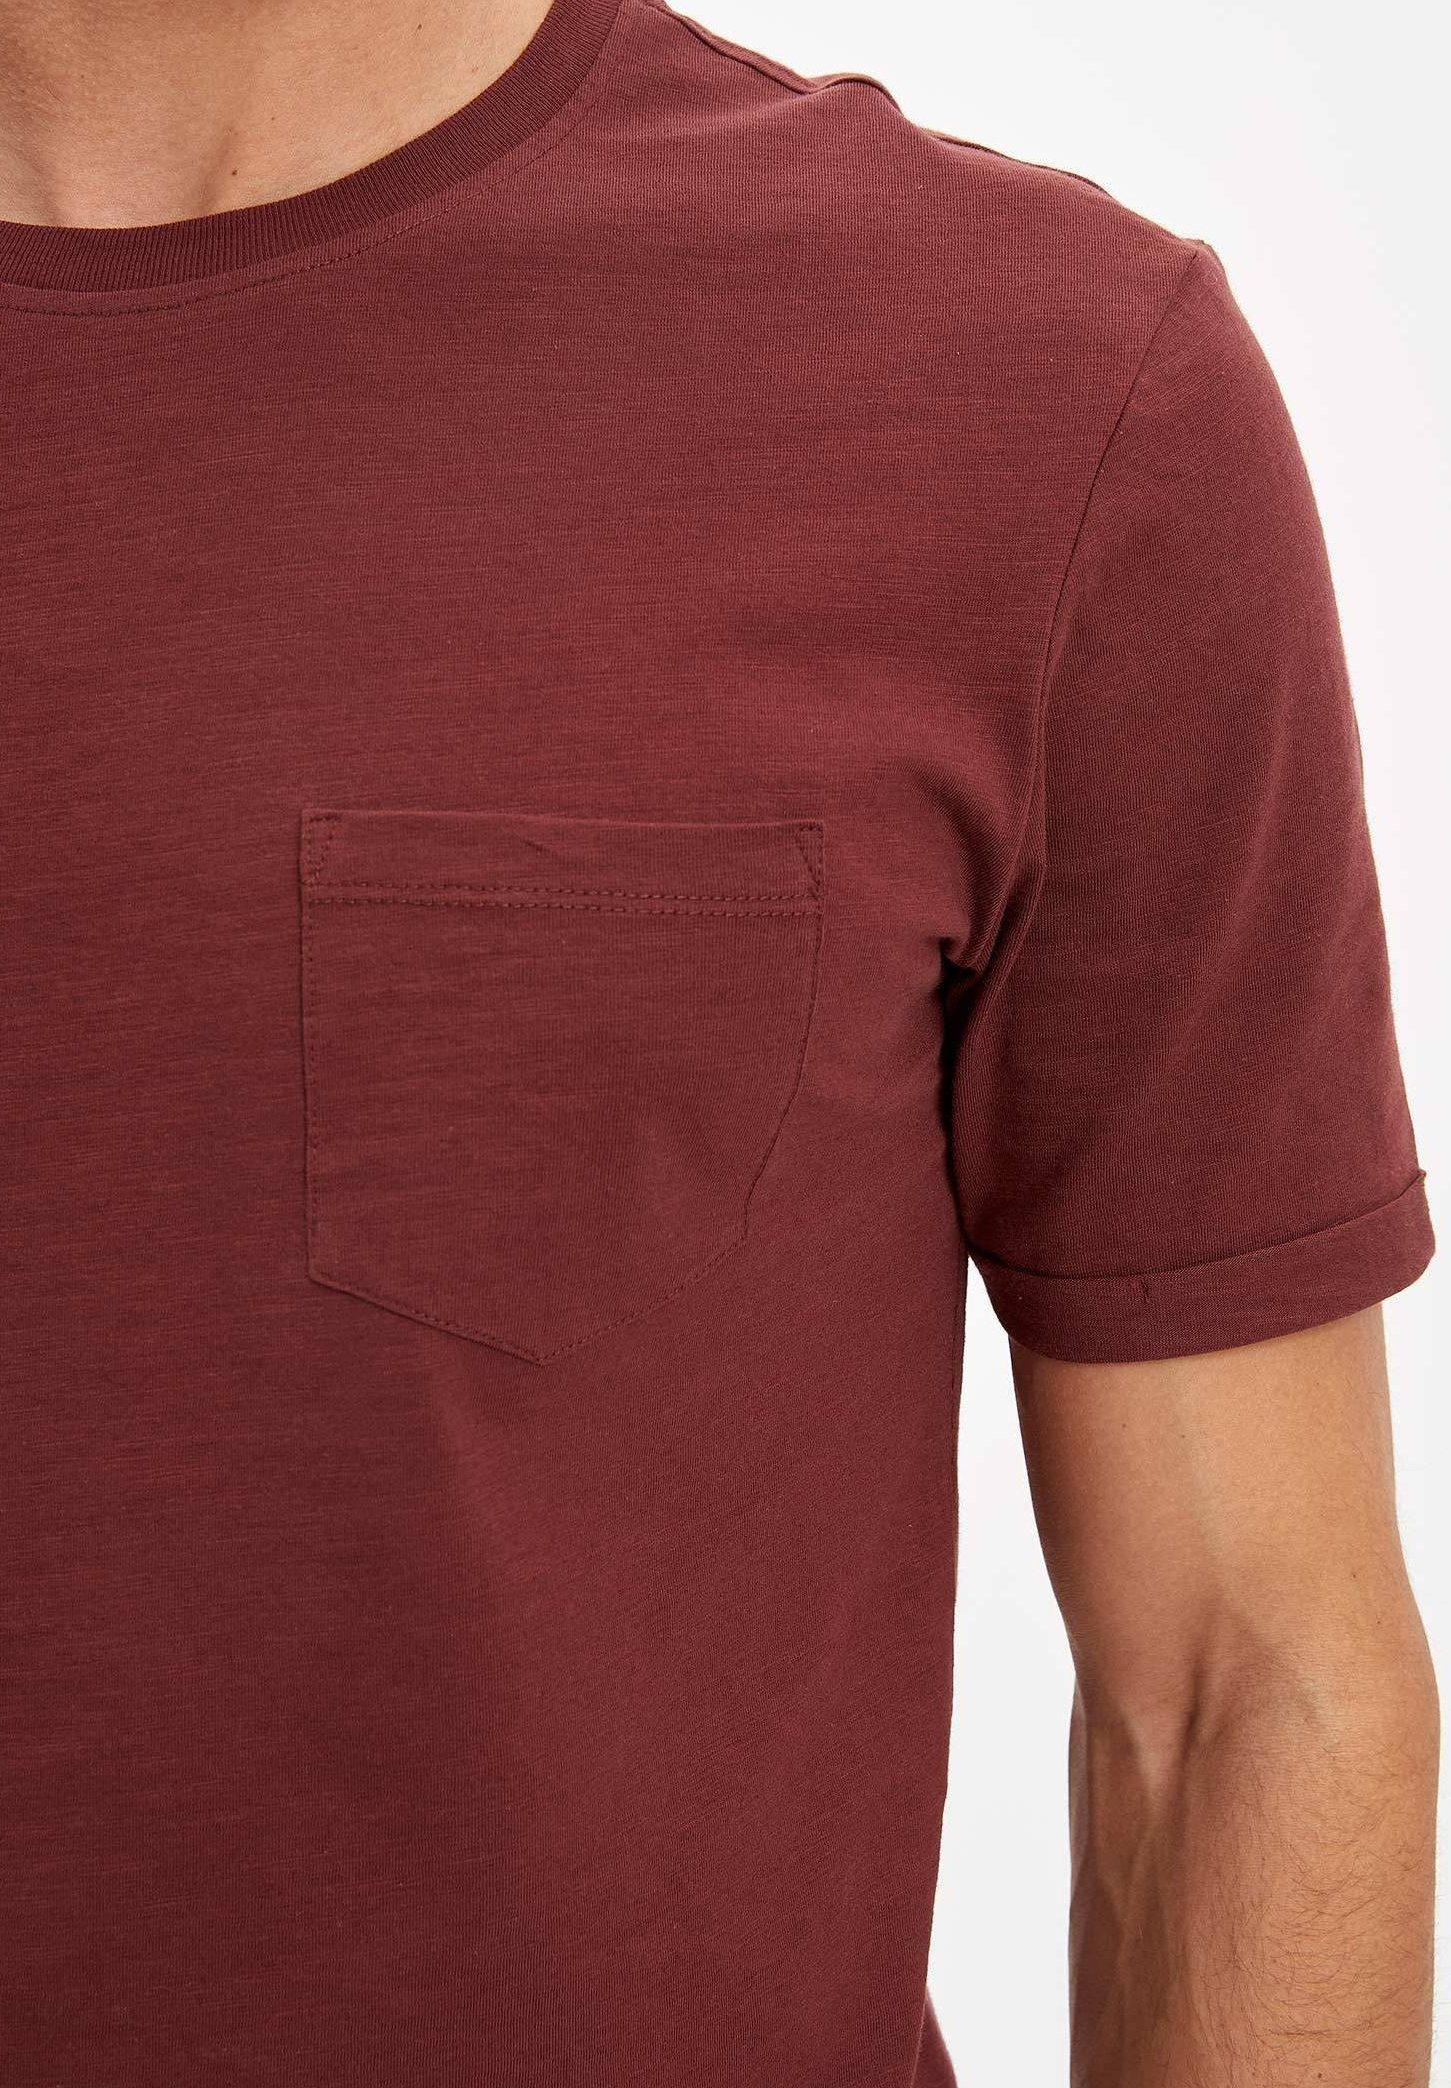 DeFacto Basic T-shirt - brown Vr79v